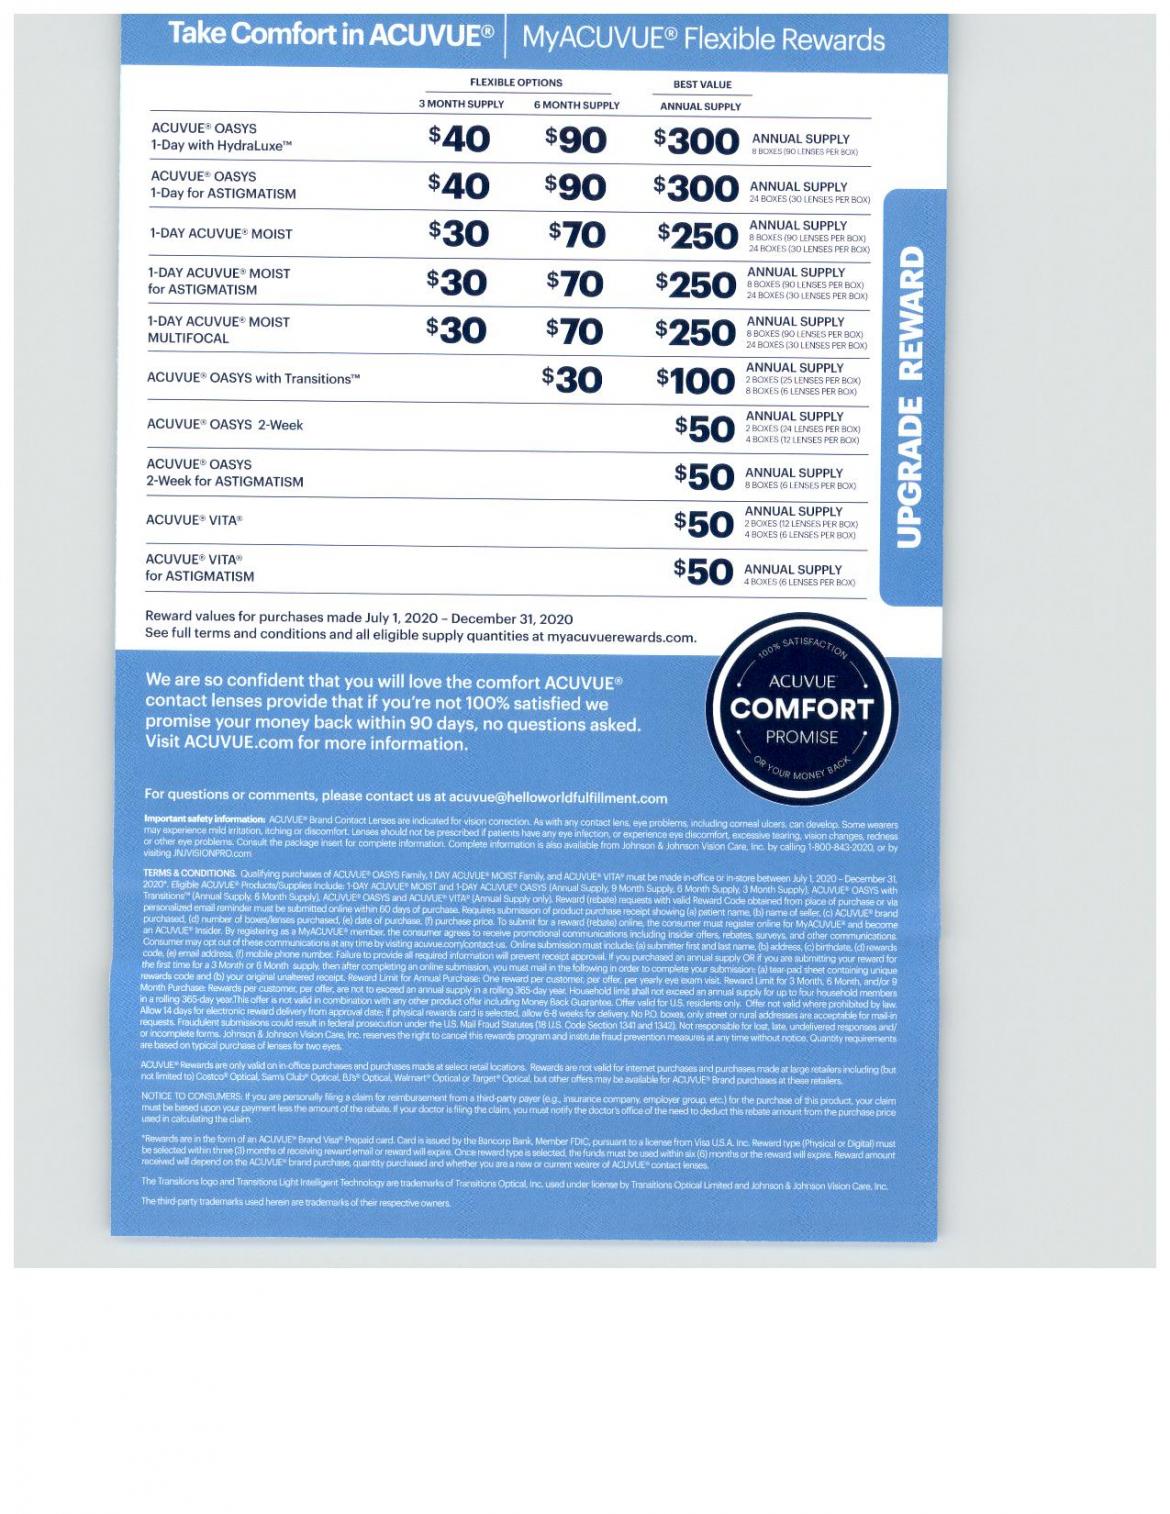 Acuvue-new-patient-rebate-page-002.jpg